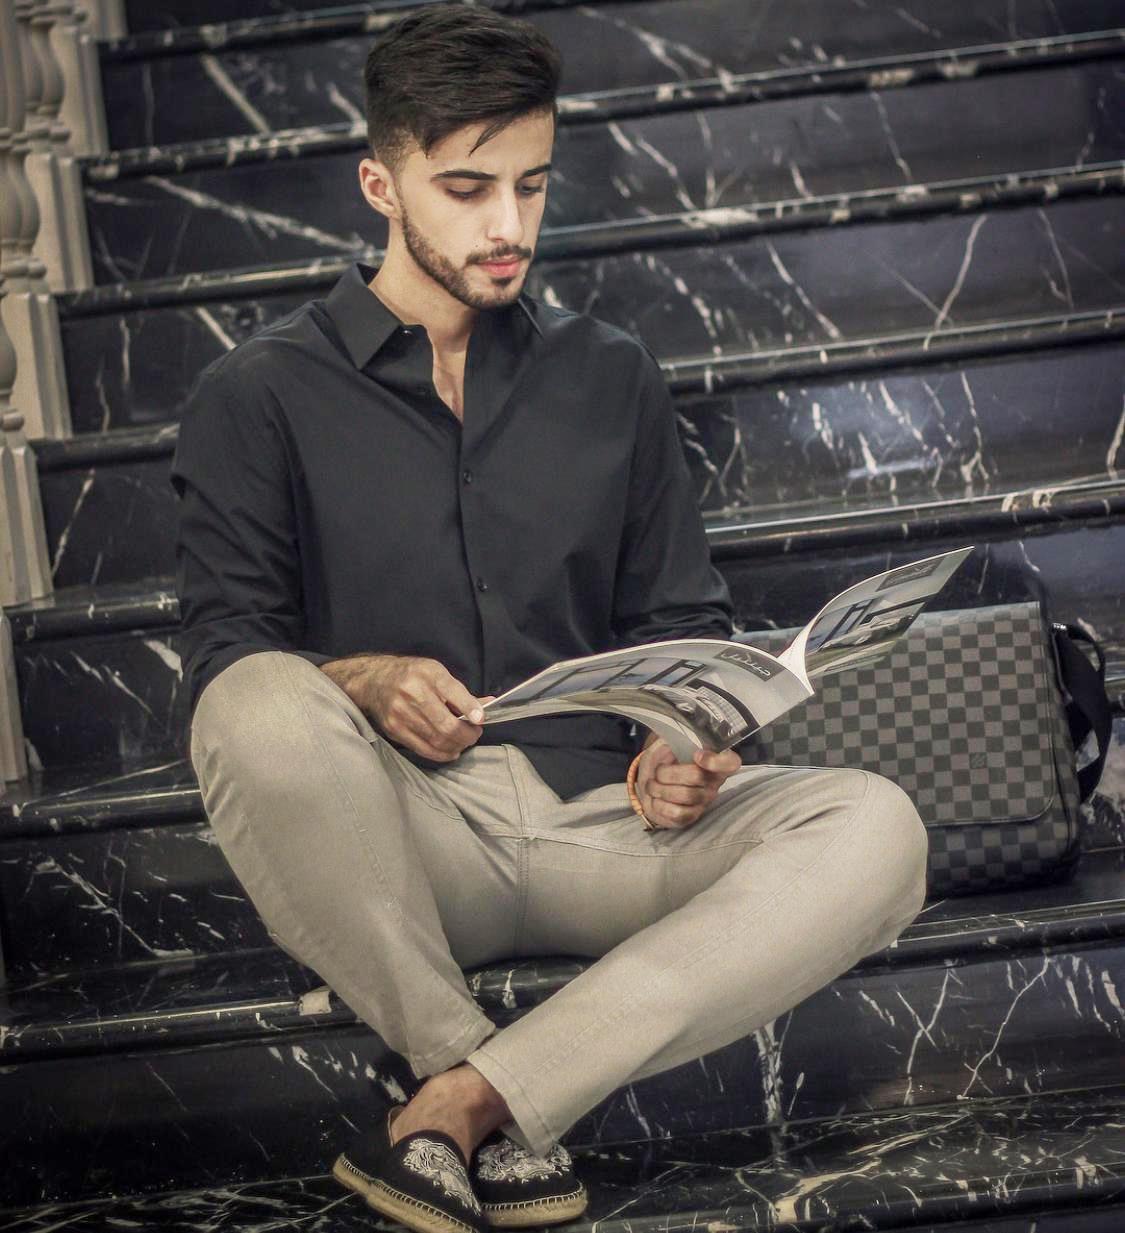 أزياء من وحي الموديل السعودي عبد اللطيف